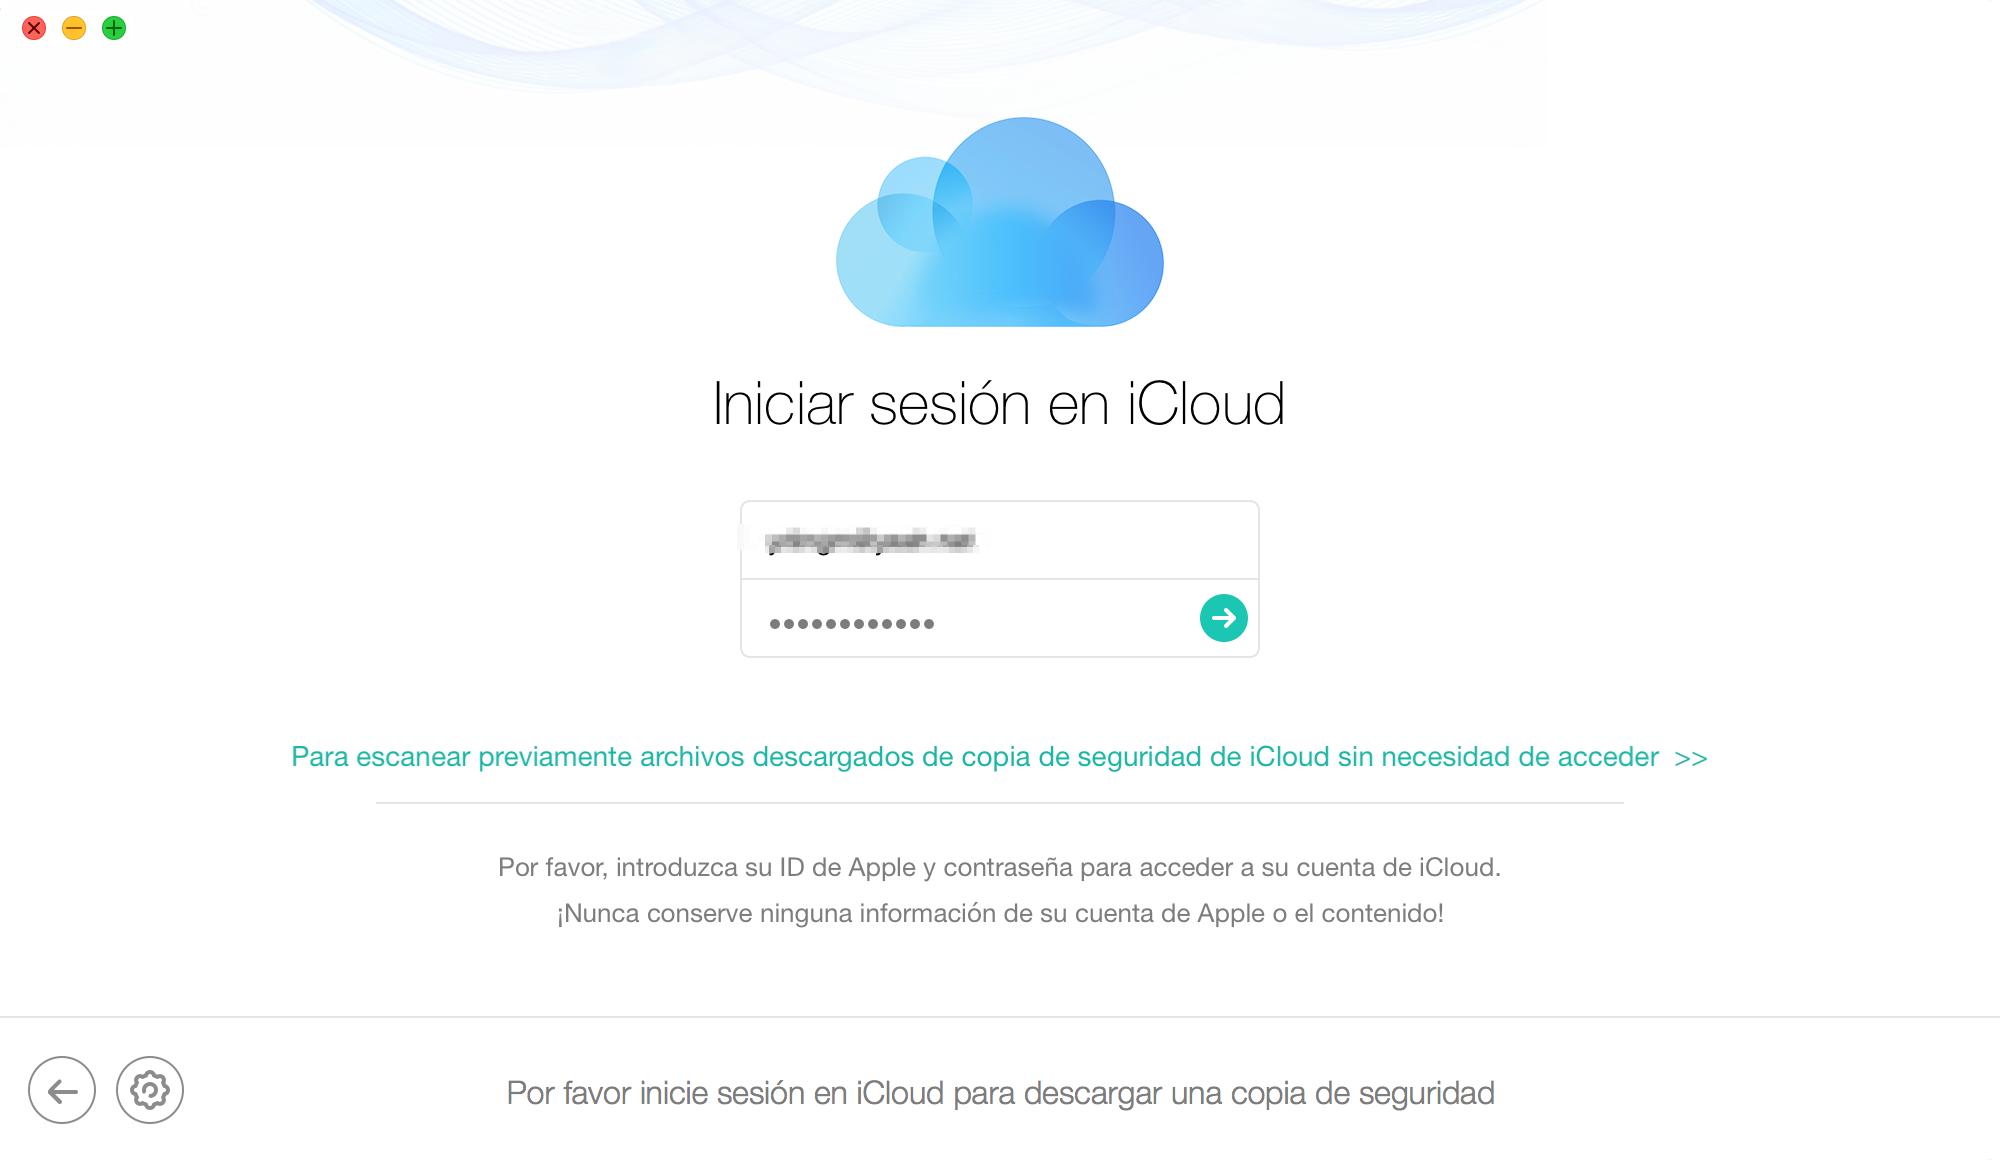 Inicie sesión en iCloud